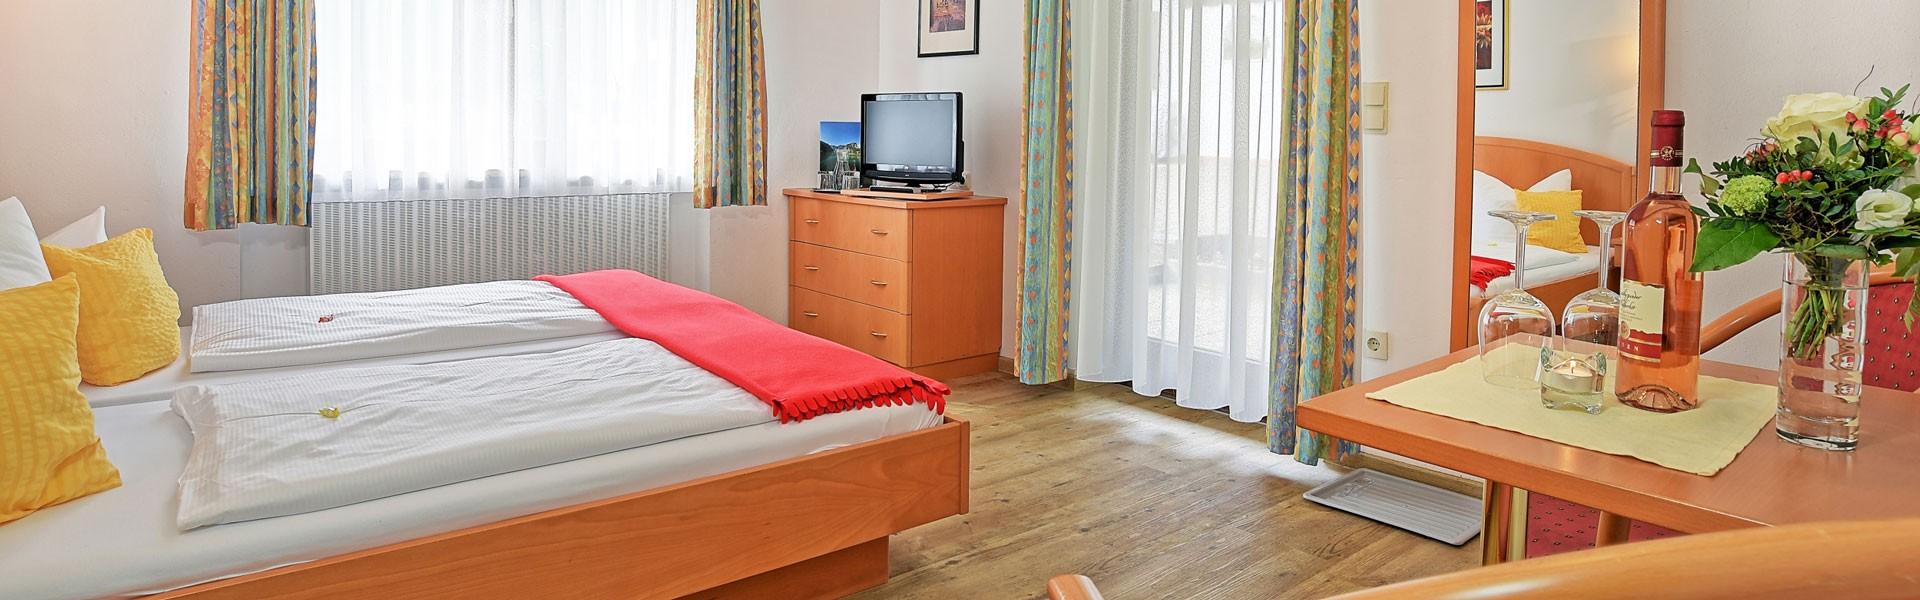 Zimmer in Schönau